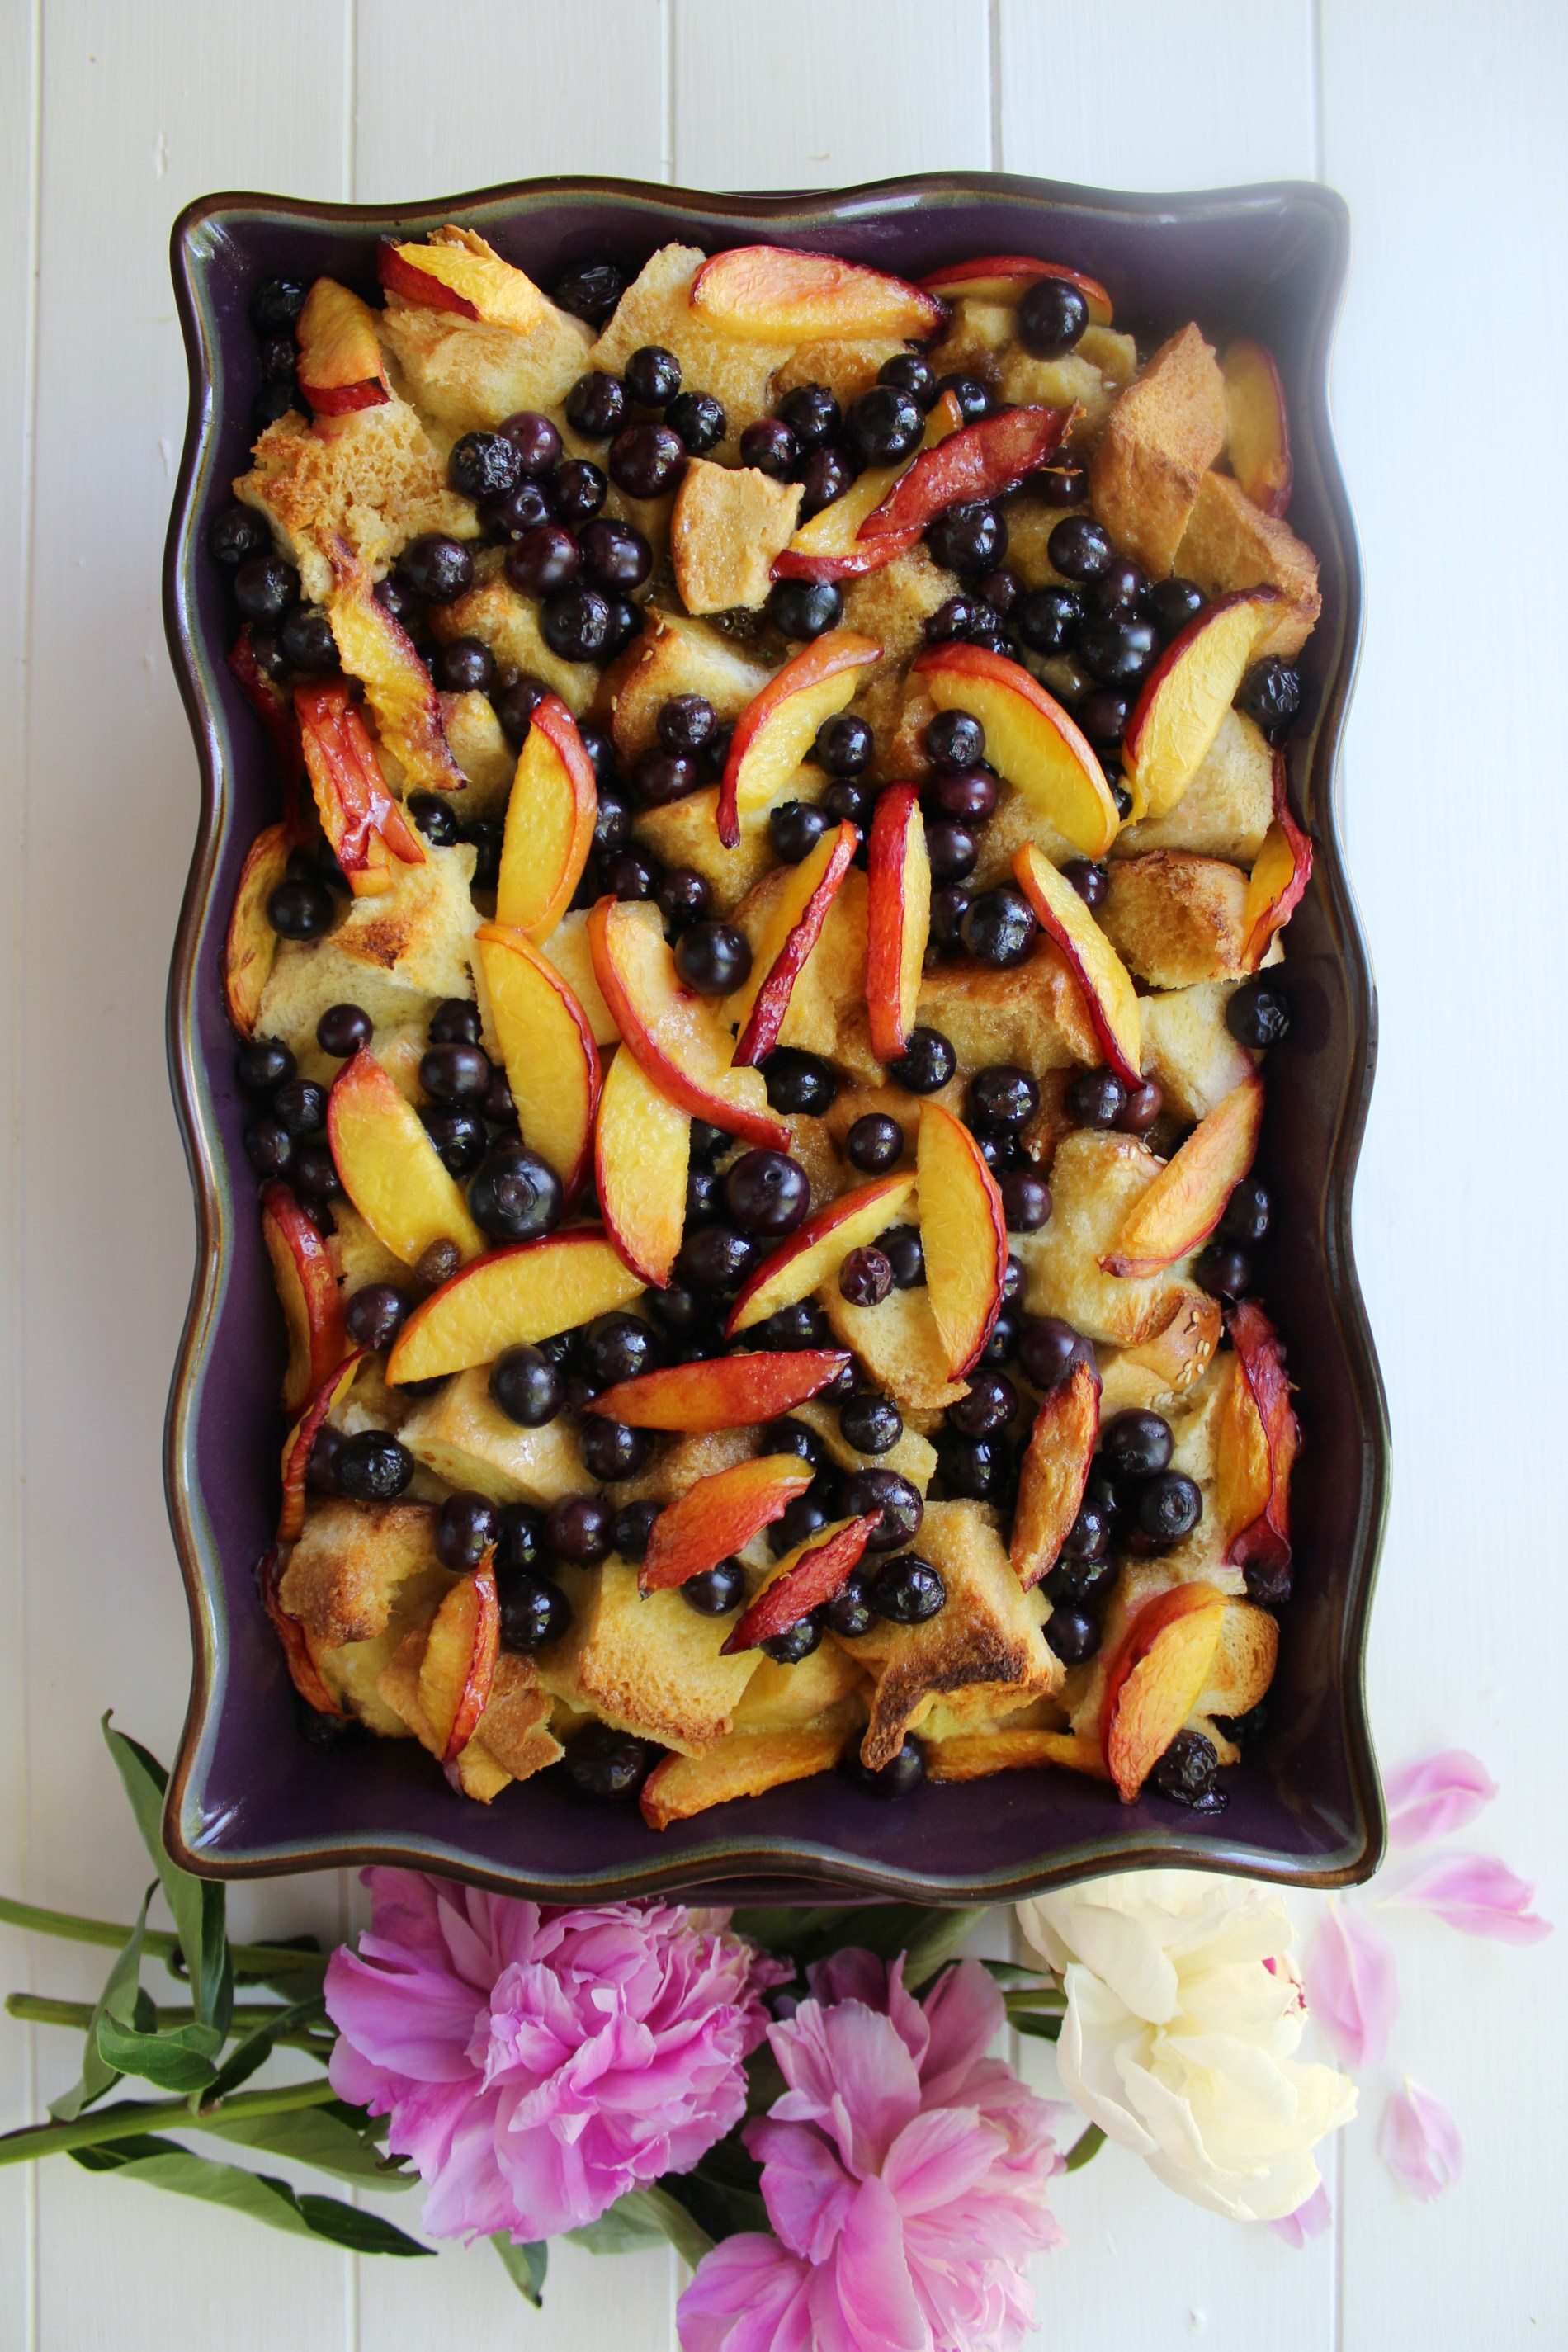 Blueberry Nectarine French Toast Casserole